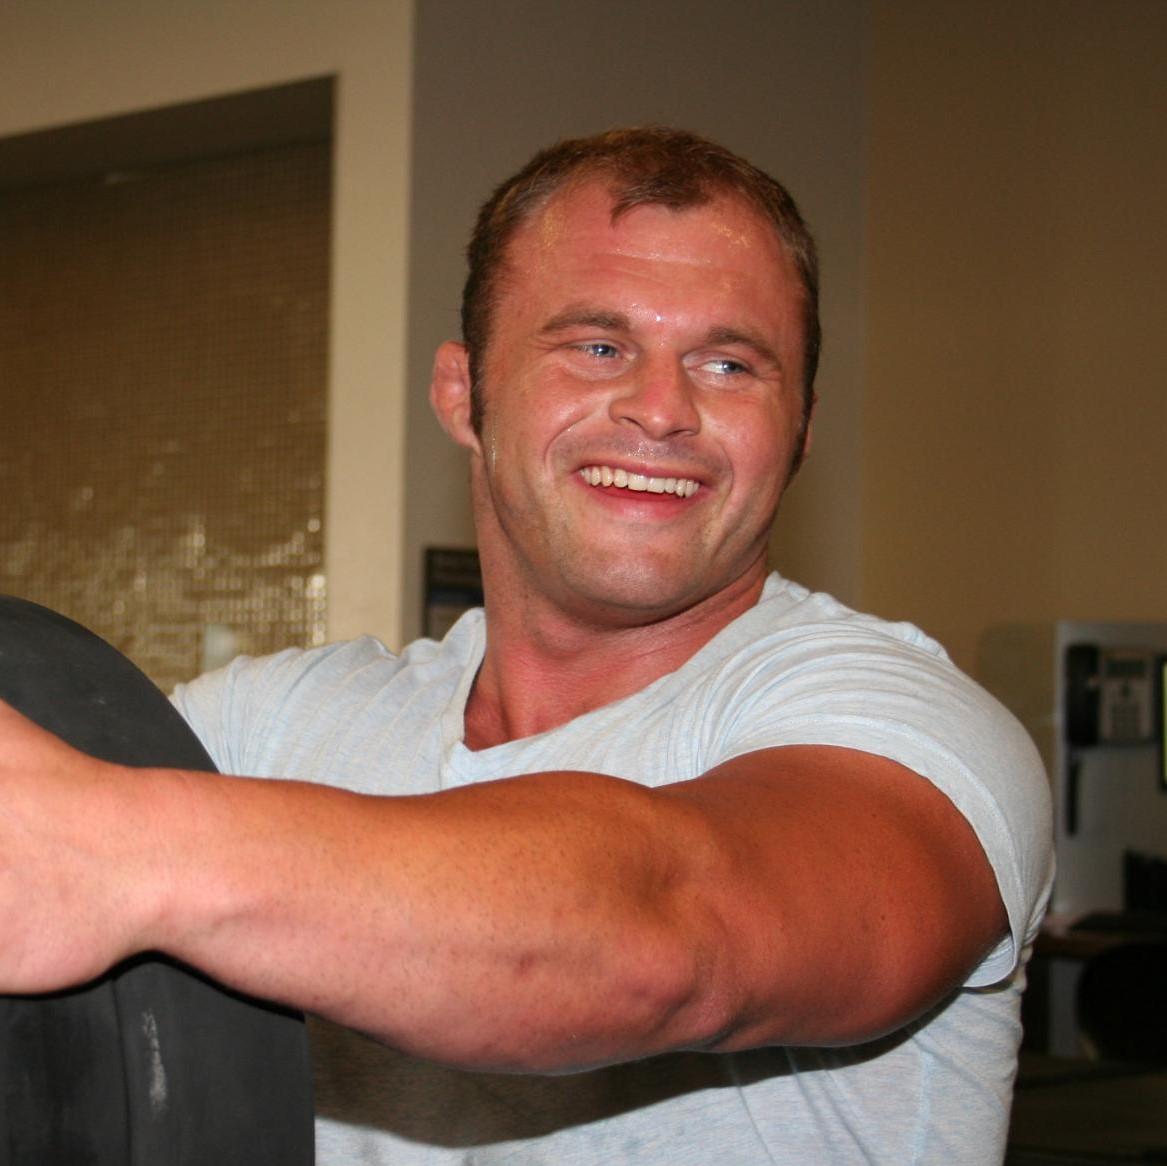 Shane Mervau